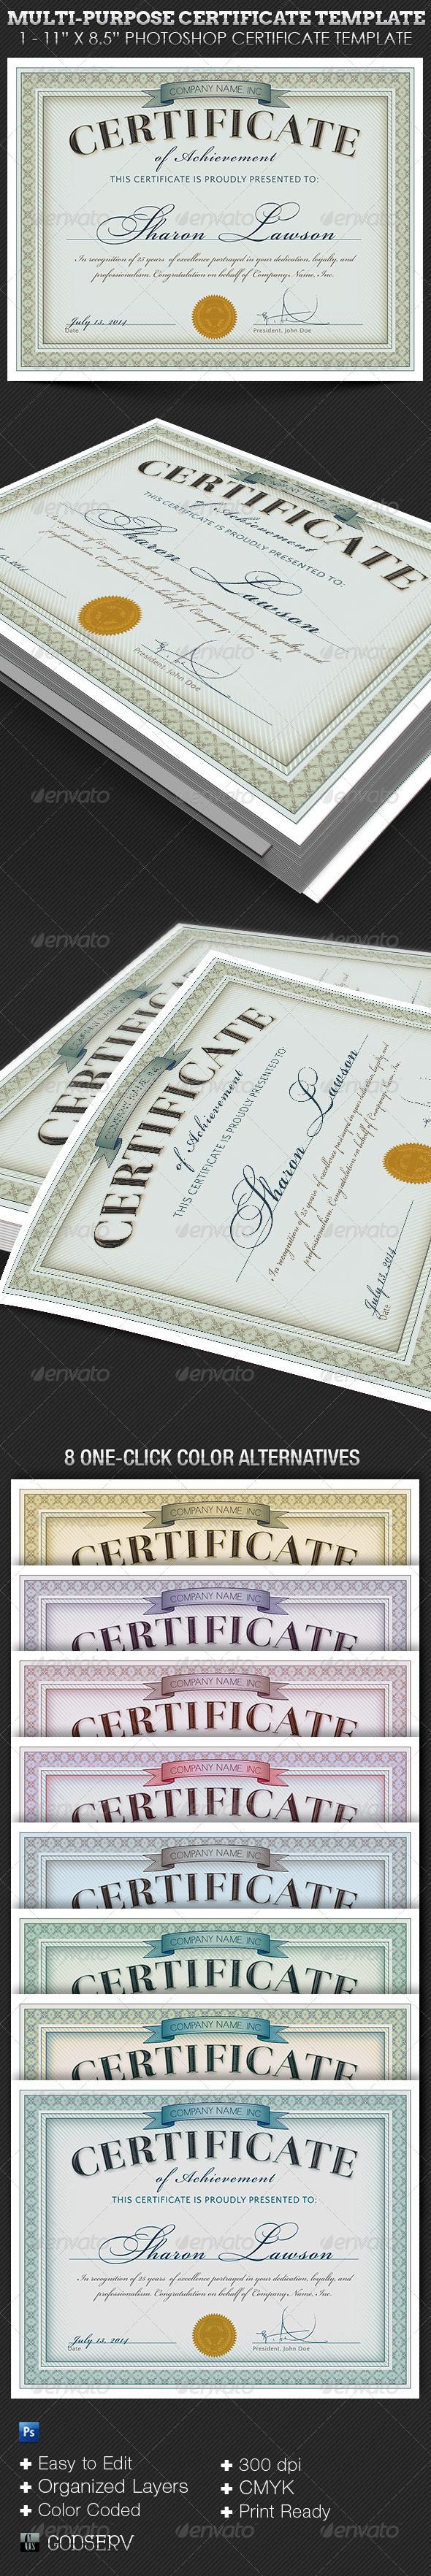 GraphicRiver Multipurpose Certificate Template 6434333